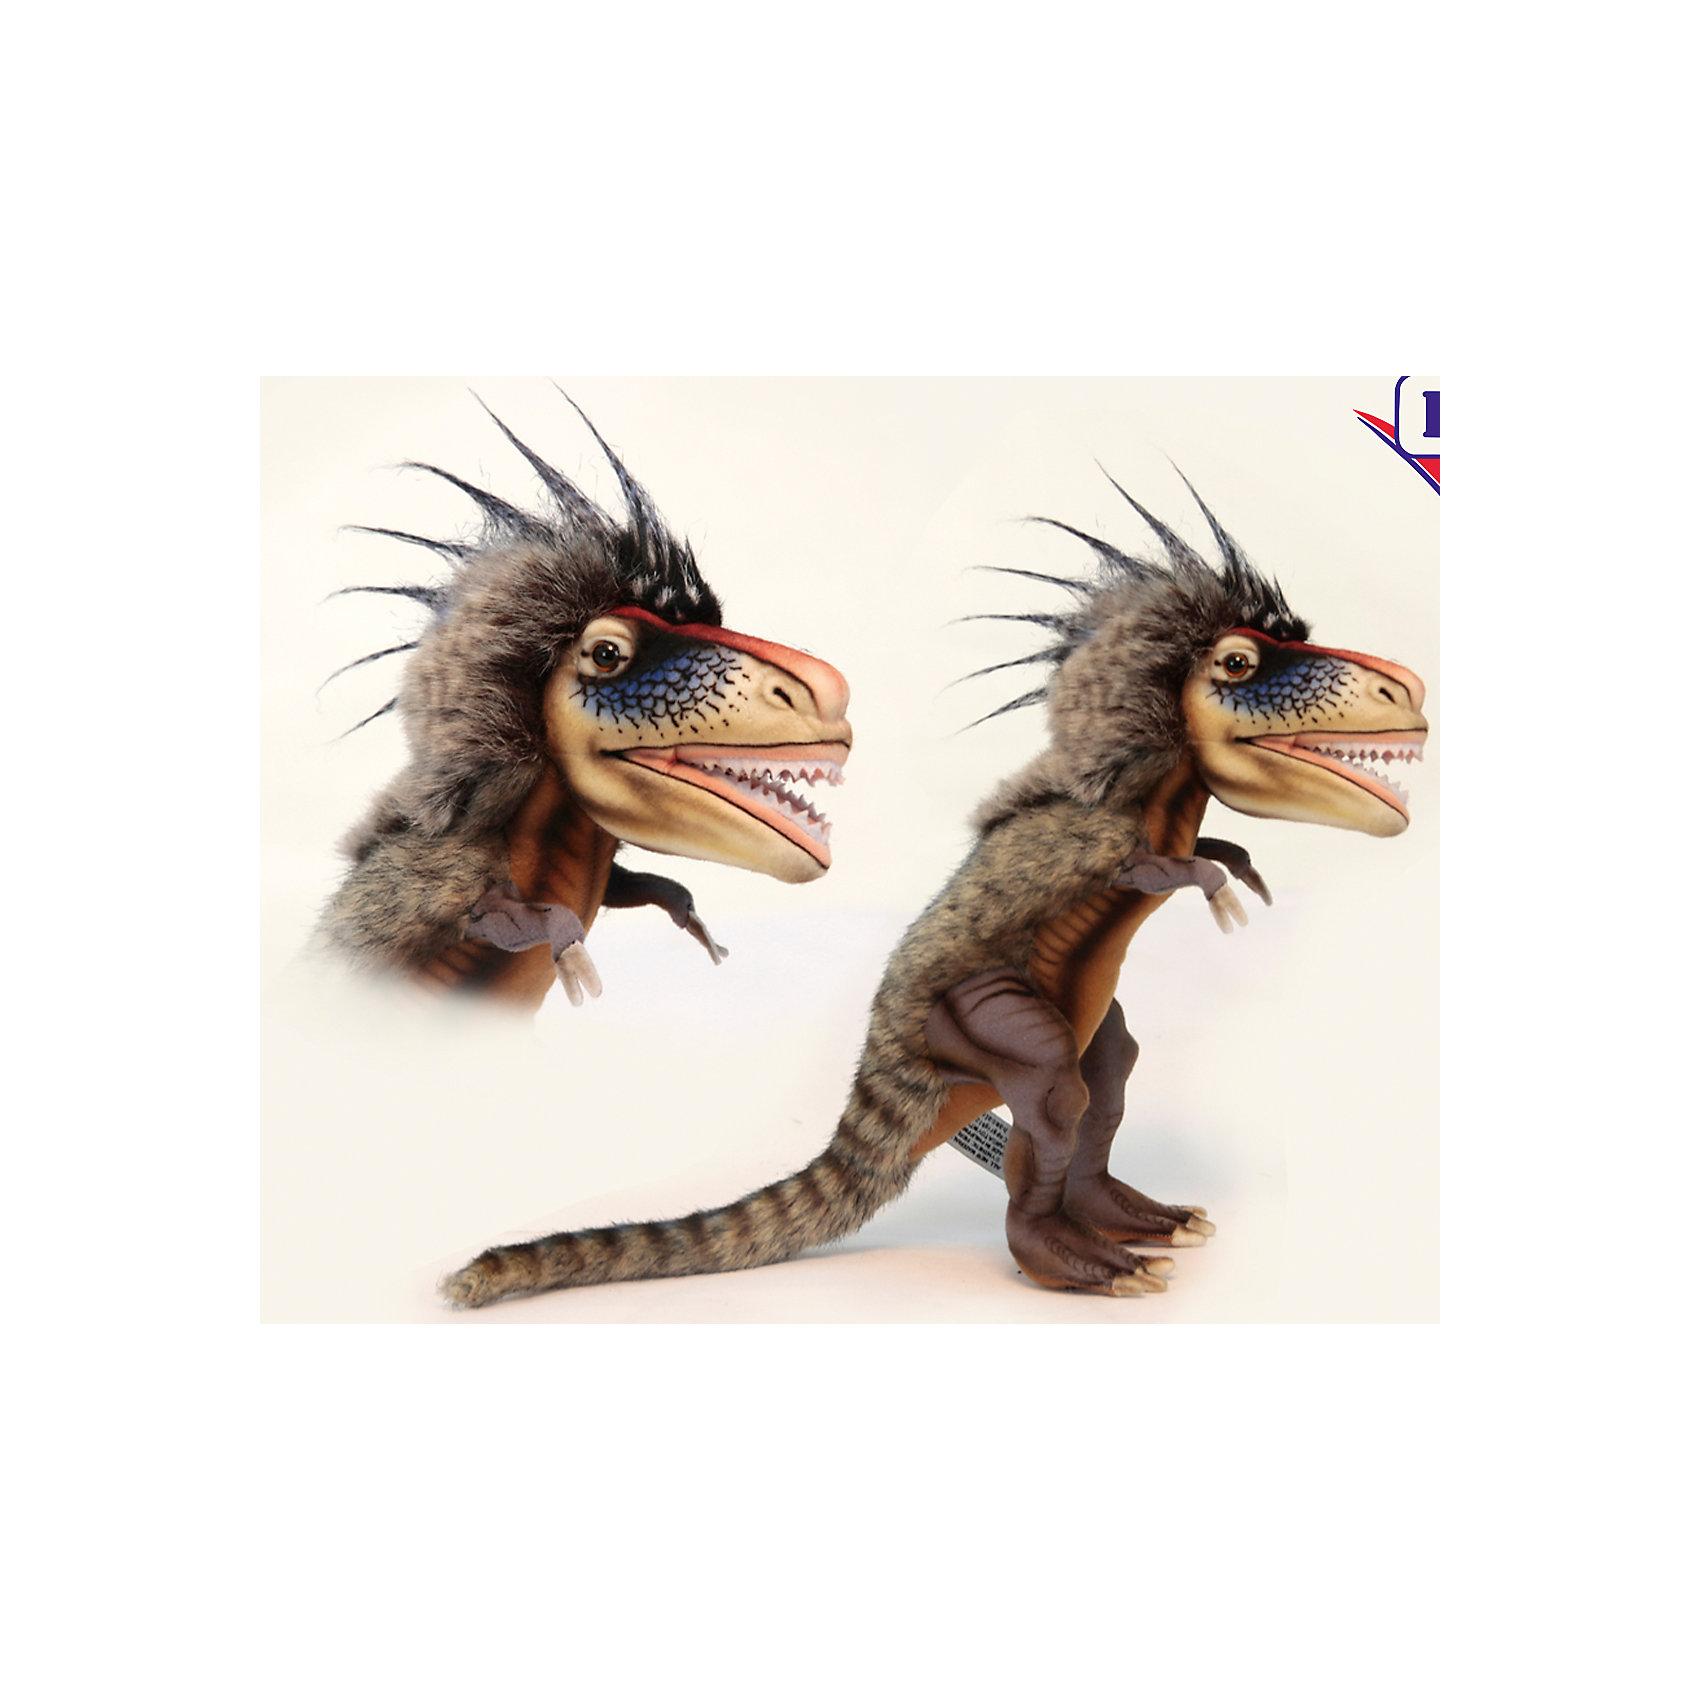 Динозавр Ти-рексДинозавр Ти-рекс  – игрушка от знаменитого бренда Hansa, специализирующегося на выпуске мягких игрушек с высокой степенью натуралистичности. Внешний вид игрушечного динозавра полностью соответствует восстановленому облику ящера, обитавшего в юрский период. Игрушка выполнена из текстиля, который окрашен в оттенки, характерные для облика Ти-рекса: коричневая пестрая спина в полоску с длинными ворсом на голове. Использованные материалы обладают гипоаллергенными свойствами. Внутри игрушки имеется металлический каркас, позволяющий изменять положение. <br>Игрушка относится к серии Доисторические животные. <br>Мягкие игрушки от Hansa подходят для сюжетно-ролевых игр, для обучающих игр, направленных на знакомство с животным миром дикой природы. Кроме того, их можно использовать в качестве интерьерных игрушек. Коллекция из нескольких игрушек позволяет воссоздать доисторическую эпоху. Игрушки от Hansa, будут радовать вашего ребенка долгое время, так как ручная работа и качественные материалы гарантируют их долговечность и прочность.<br><br>Дополнительная информация:<br><br>- Вид игр: сюжетно-ролевые игры, коллекционирование, интерьерные игрушки<br>- Предназначение: для дома, для детских развивающих центров, для детских садов<br>- Материал: текстиль, искусственный мех, пластик, наполнитель ? полиэфирное волокно<br>- Размер (ДхШхВ): 28*14*42 см<br>- Вес: 600 г<br>- Особенности ухода: сухая чистка при помощи пылесоса или щетки для одежды<br><br>Подробнее:<br><br>• Для детей в возрасте: от 3 лет <br>• Страна производитель: Филиппины<br>• Торговый бренд: Hansa<br><br>Динозавра Ти-рекс можно купить в нашем интернет-магазине.<br><br>Ширина мм: 28<br>Глубина мм: 14<br>Высота мм: 42<br>Вес г: 600<br>Возраст от месяцев: 36<br>Возраст до месяцев: 2147483647<br>Пол: Унисекс<br>Возраст: Детский<br>SKU: 4927225